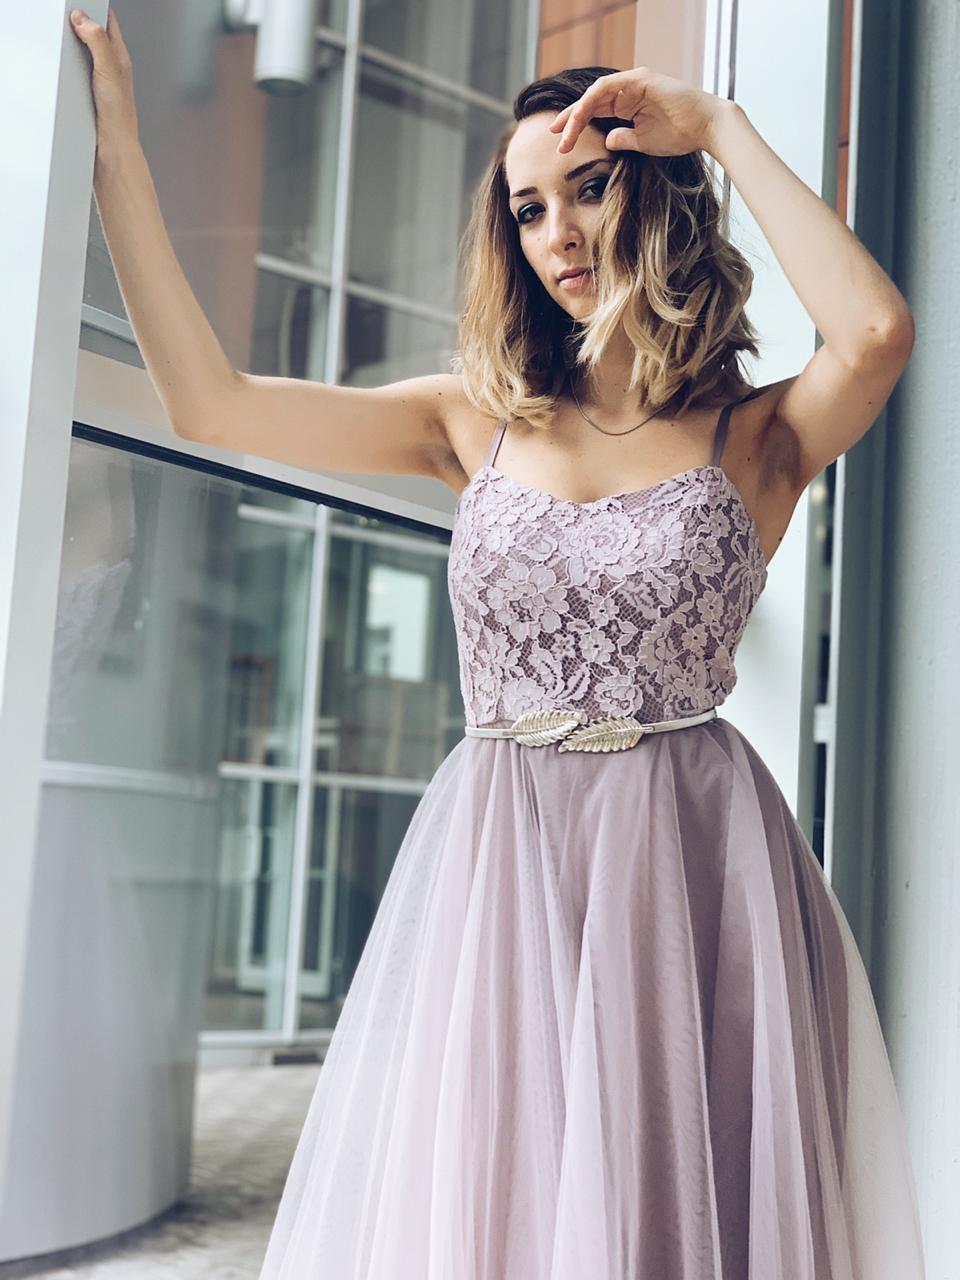 Свадебное платье из фатина – плюсы и минусы наряда